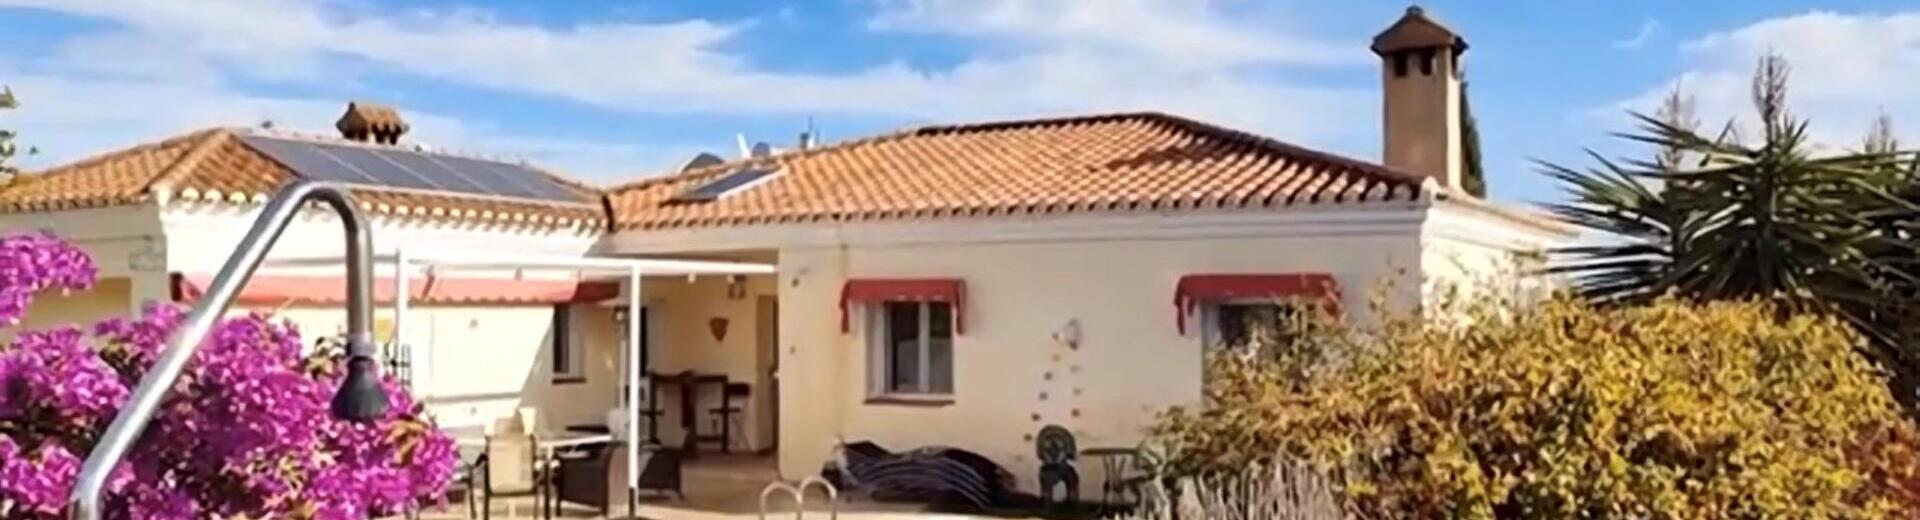 VIP7884: Villa for Sale